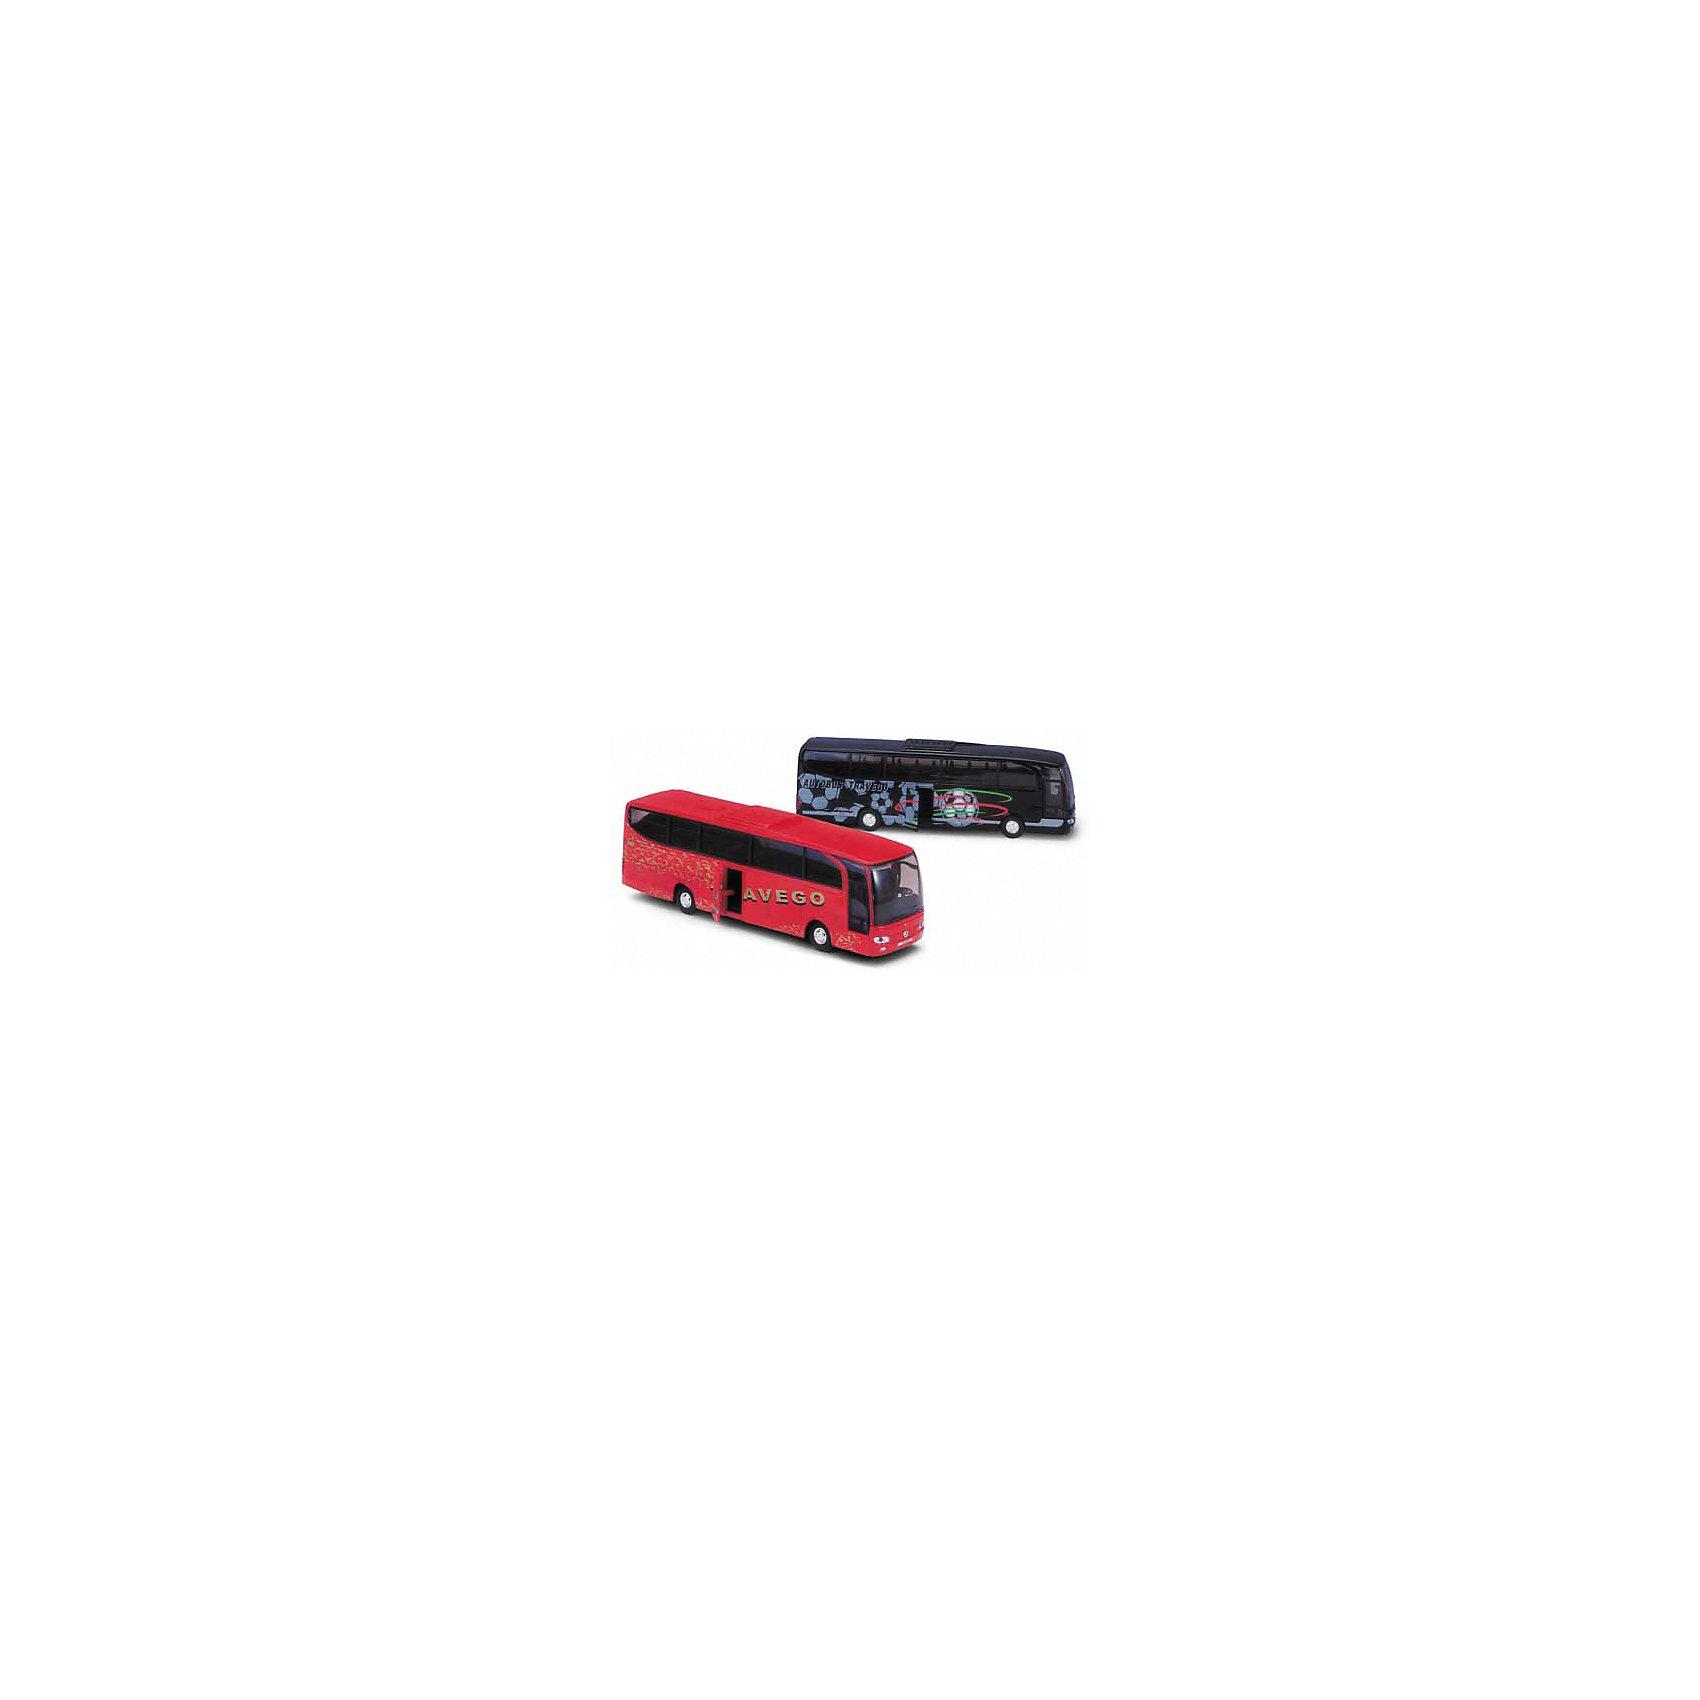 Модель автобуса Mercedes-Benz, красная, WellyХарактеристики:<br><br>• тип транспорта: автобус;<br>• модель автобуса: Mercedes-Benz;<br>• особенности автобуса: открываются двери;<br>• инерционный двигатель;<br>• материал: металл, пластик;<br>• размер упаковки: 23х5х8 см;<br>• вес: 300 г.<br><br>В гараже Welly новое транспортное средство – автобус Mercedes-Benz. Реалистичная модель туристического автобуса с открывающейся дверью позволяет разместить пассажиров и отправиться в путь. В процессе игры развивается фантазия, координация движения, двигательная активность. <br><br>Модель автобуса Mercedes-Benz, красная, Welly можно купить в нашем магазине.<br><br>Ширина мм: 50<br>Глубина мм: 80<br>Высота мм: 230<br>Вес г: 283<br>Возраст от месяцев: 36<br>Возраст до месяцев: 2147483647<br>Пол: Мужской<br>Возраст: Детский<br>SKU: 5255006